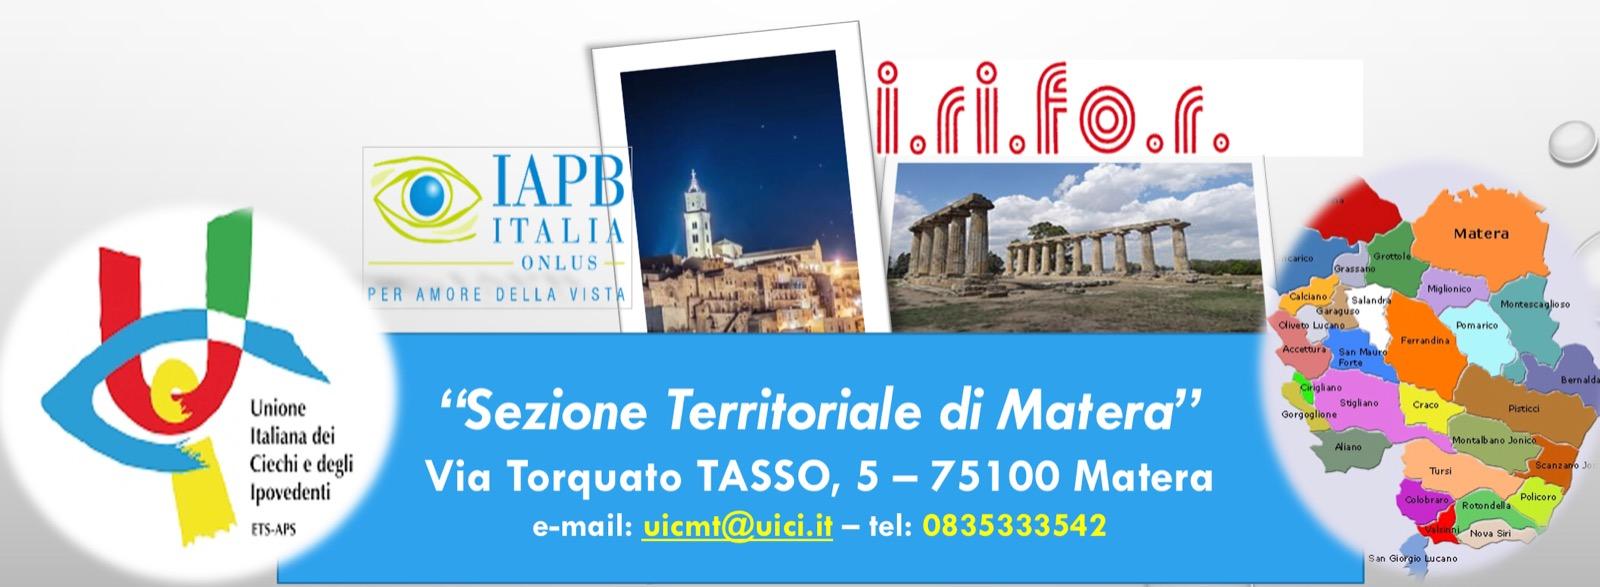 Unione Italiana dei Ciechi e degli Ipovedenti ETS APS Sezione Territoriale di Matera